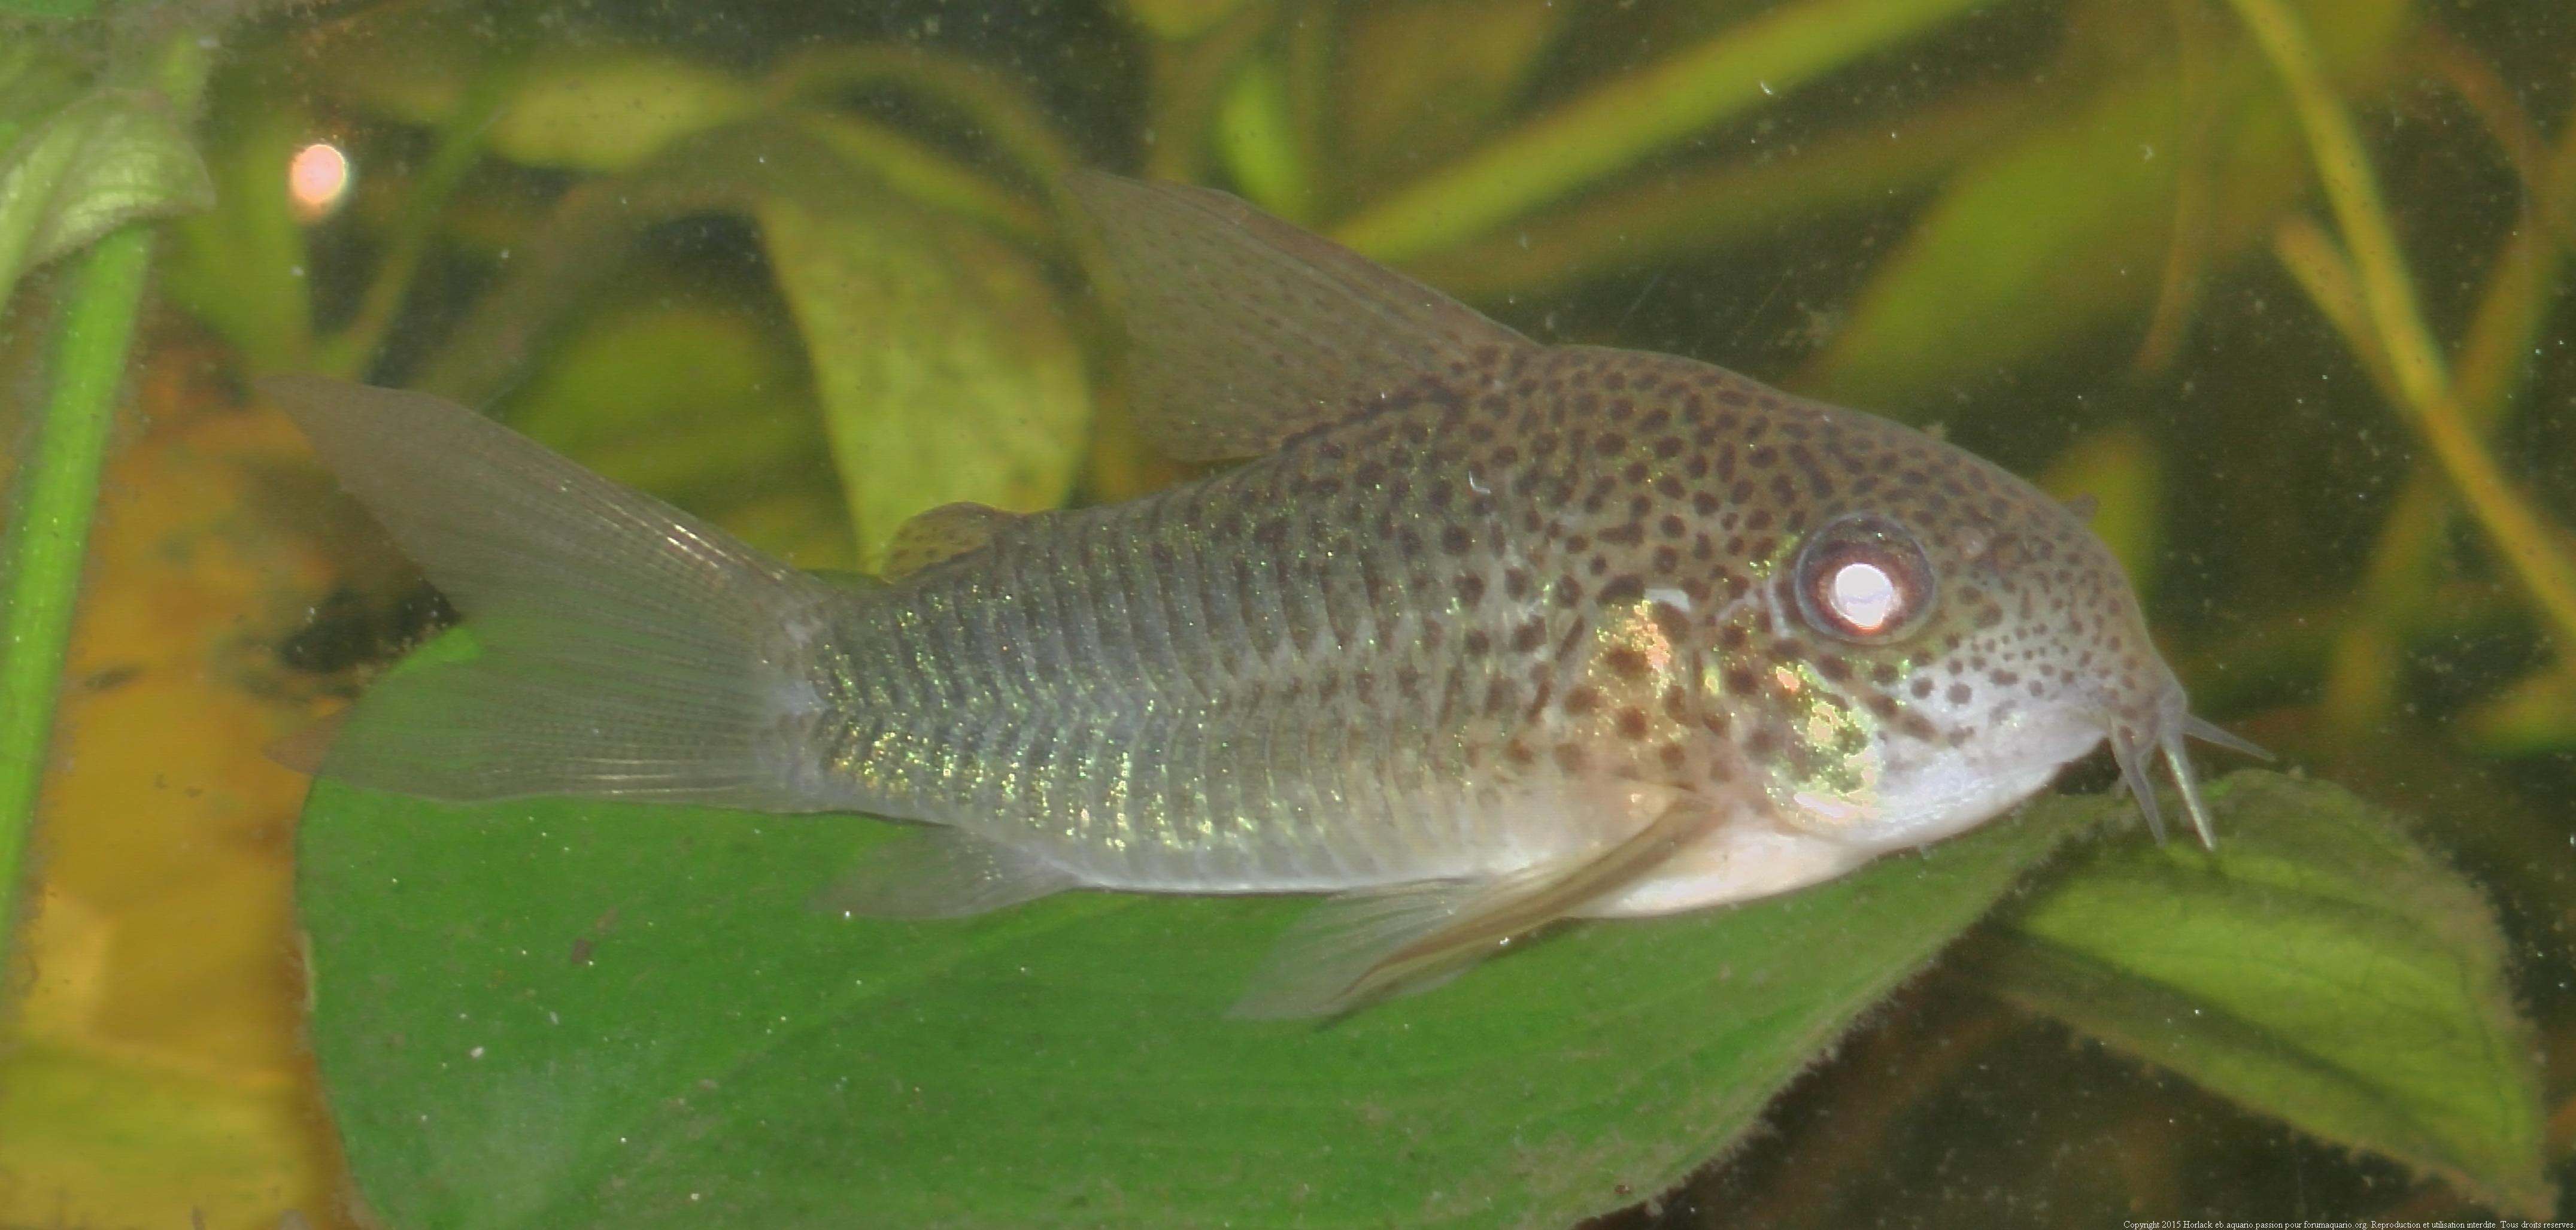 Ménagerie, plus de 3.000L d'aquariums - Page 2 135874CorydorasSimilis0092